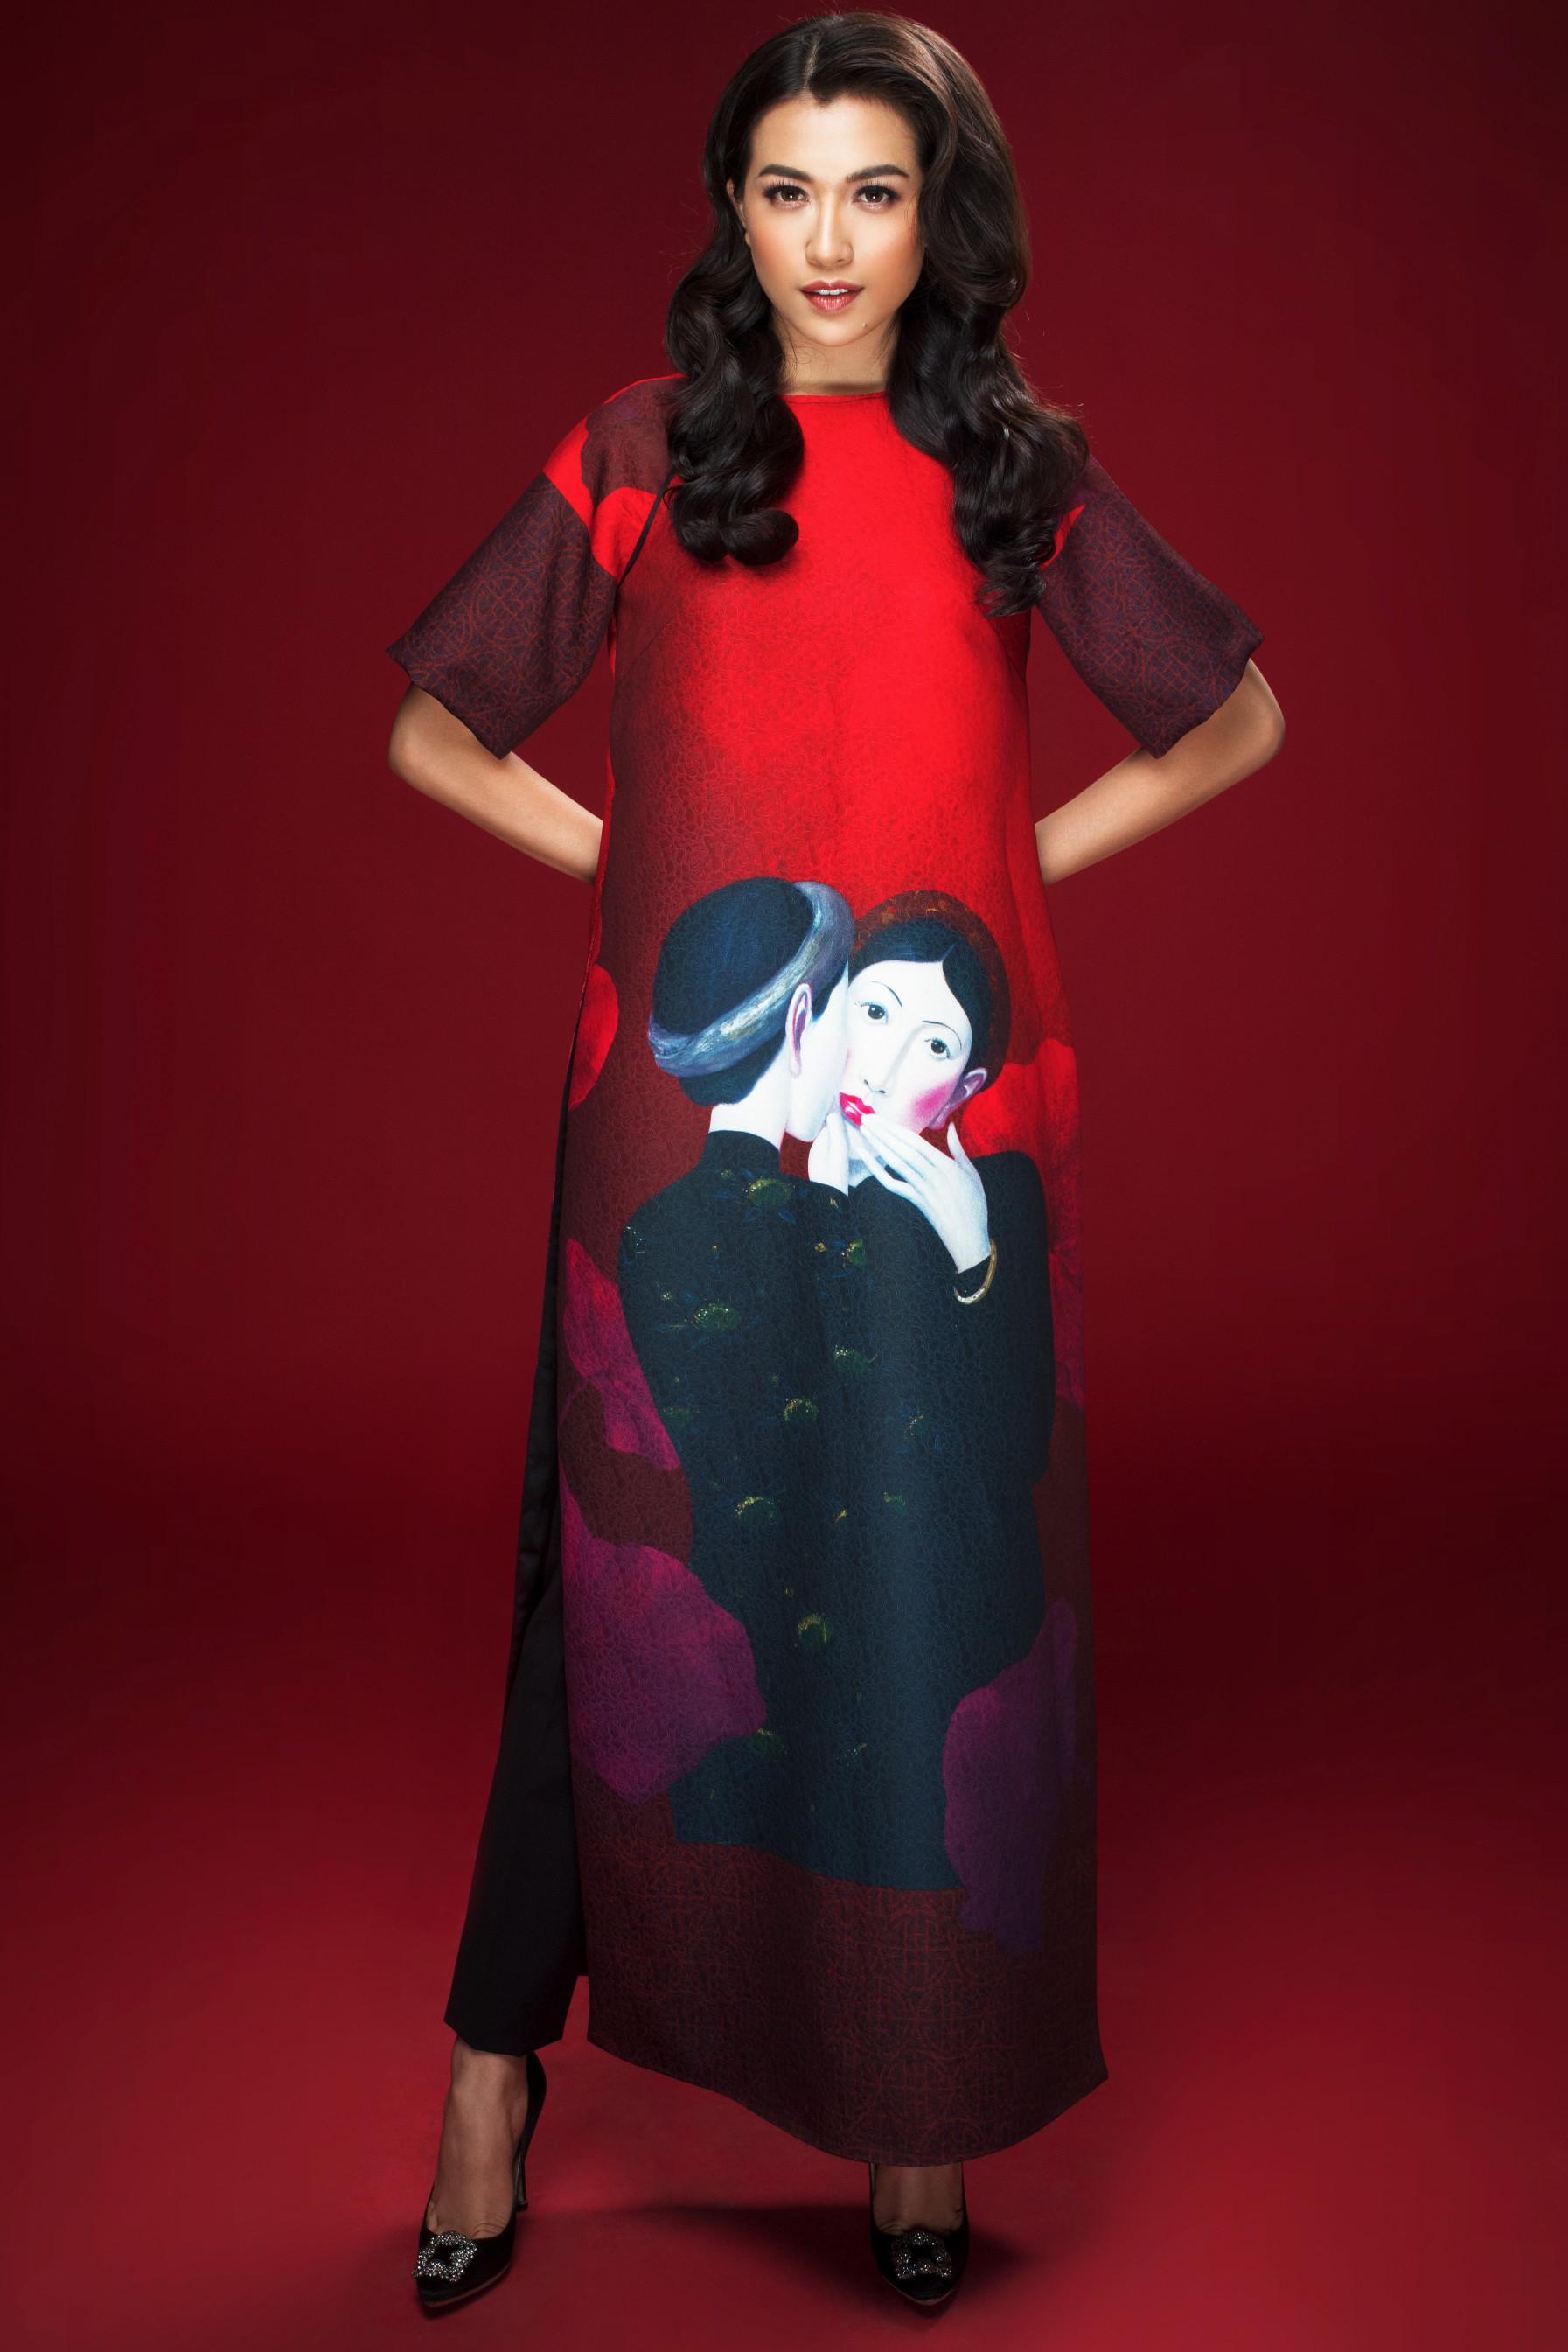 Lệ Hằng Miss Universe - elle vietnam 1